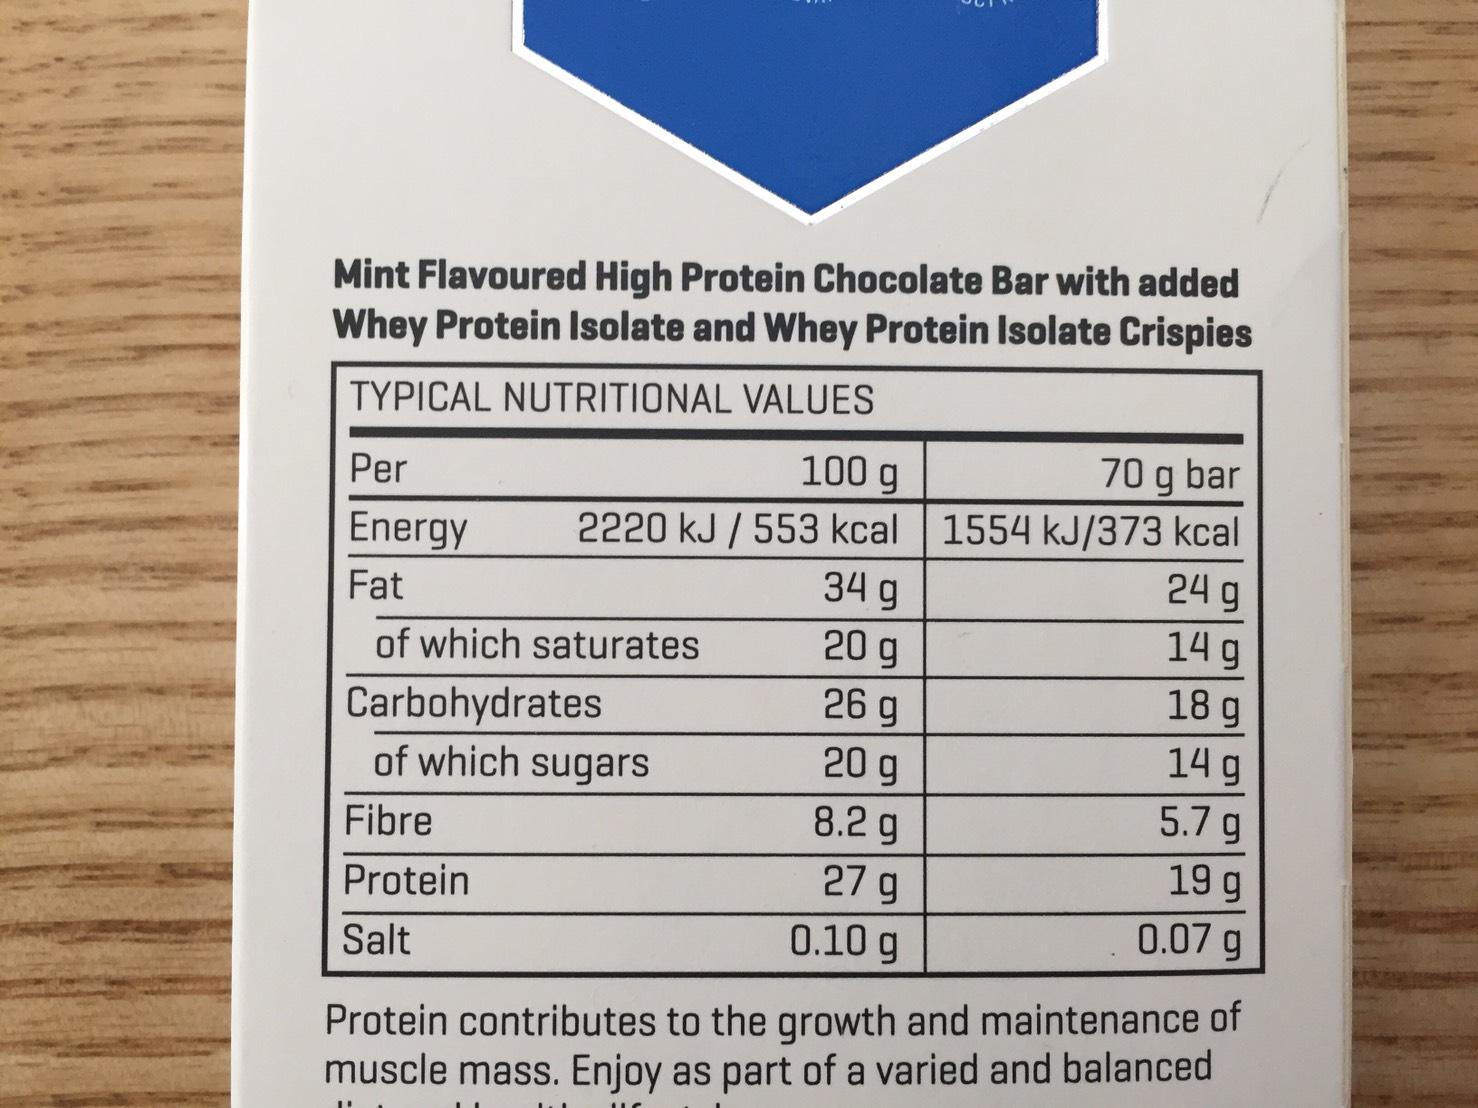 ハイプロテインチョコレート「チョコミント味」の成分表